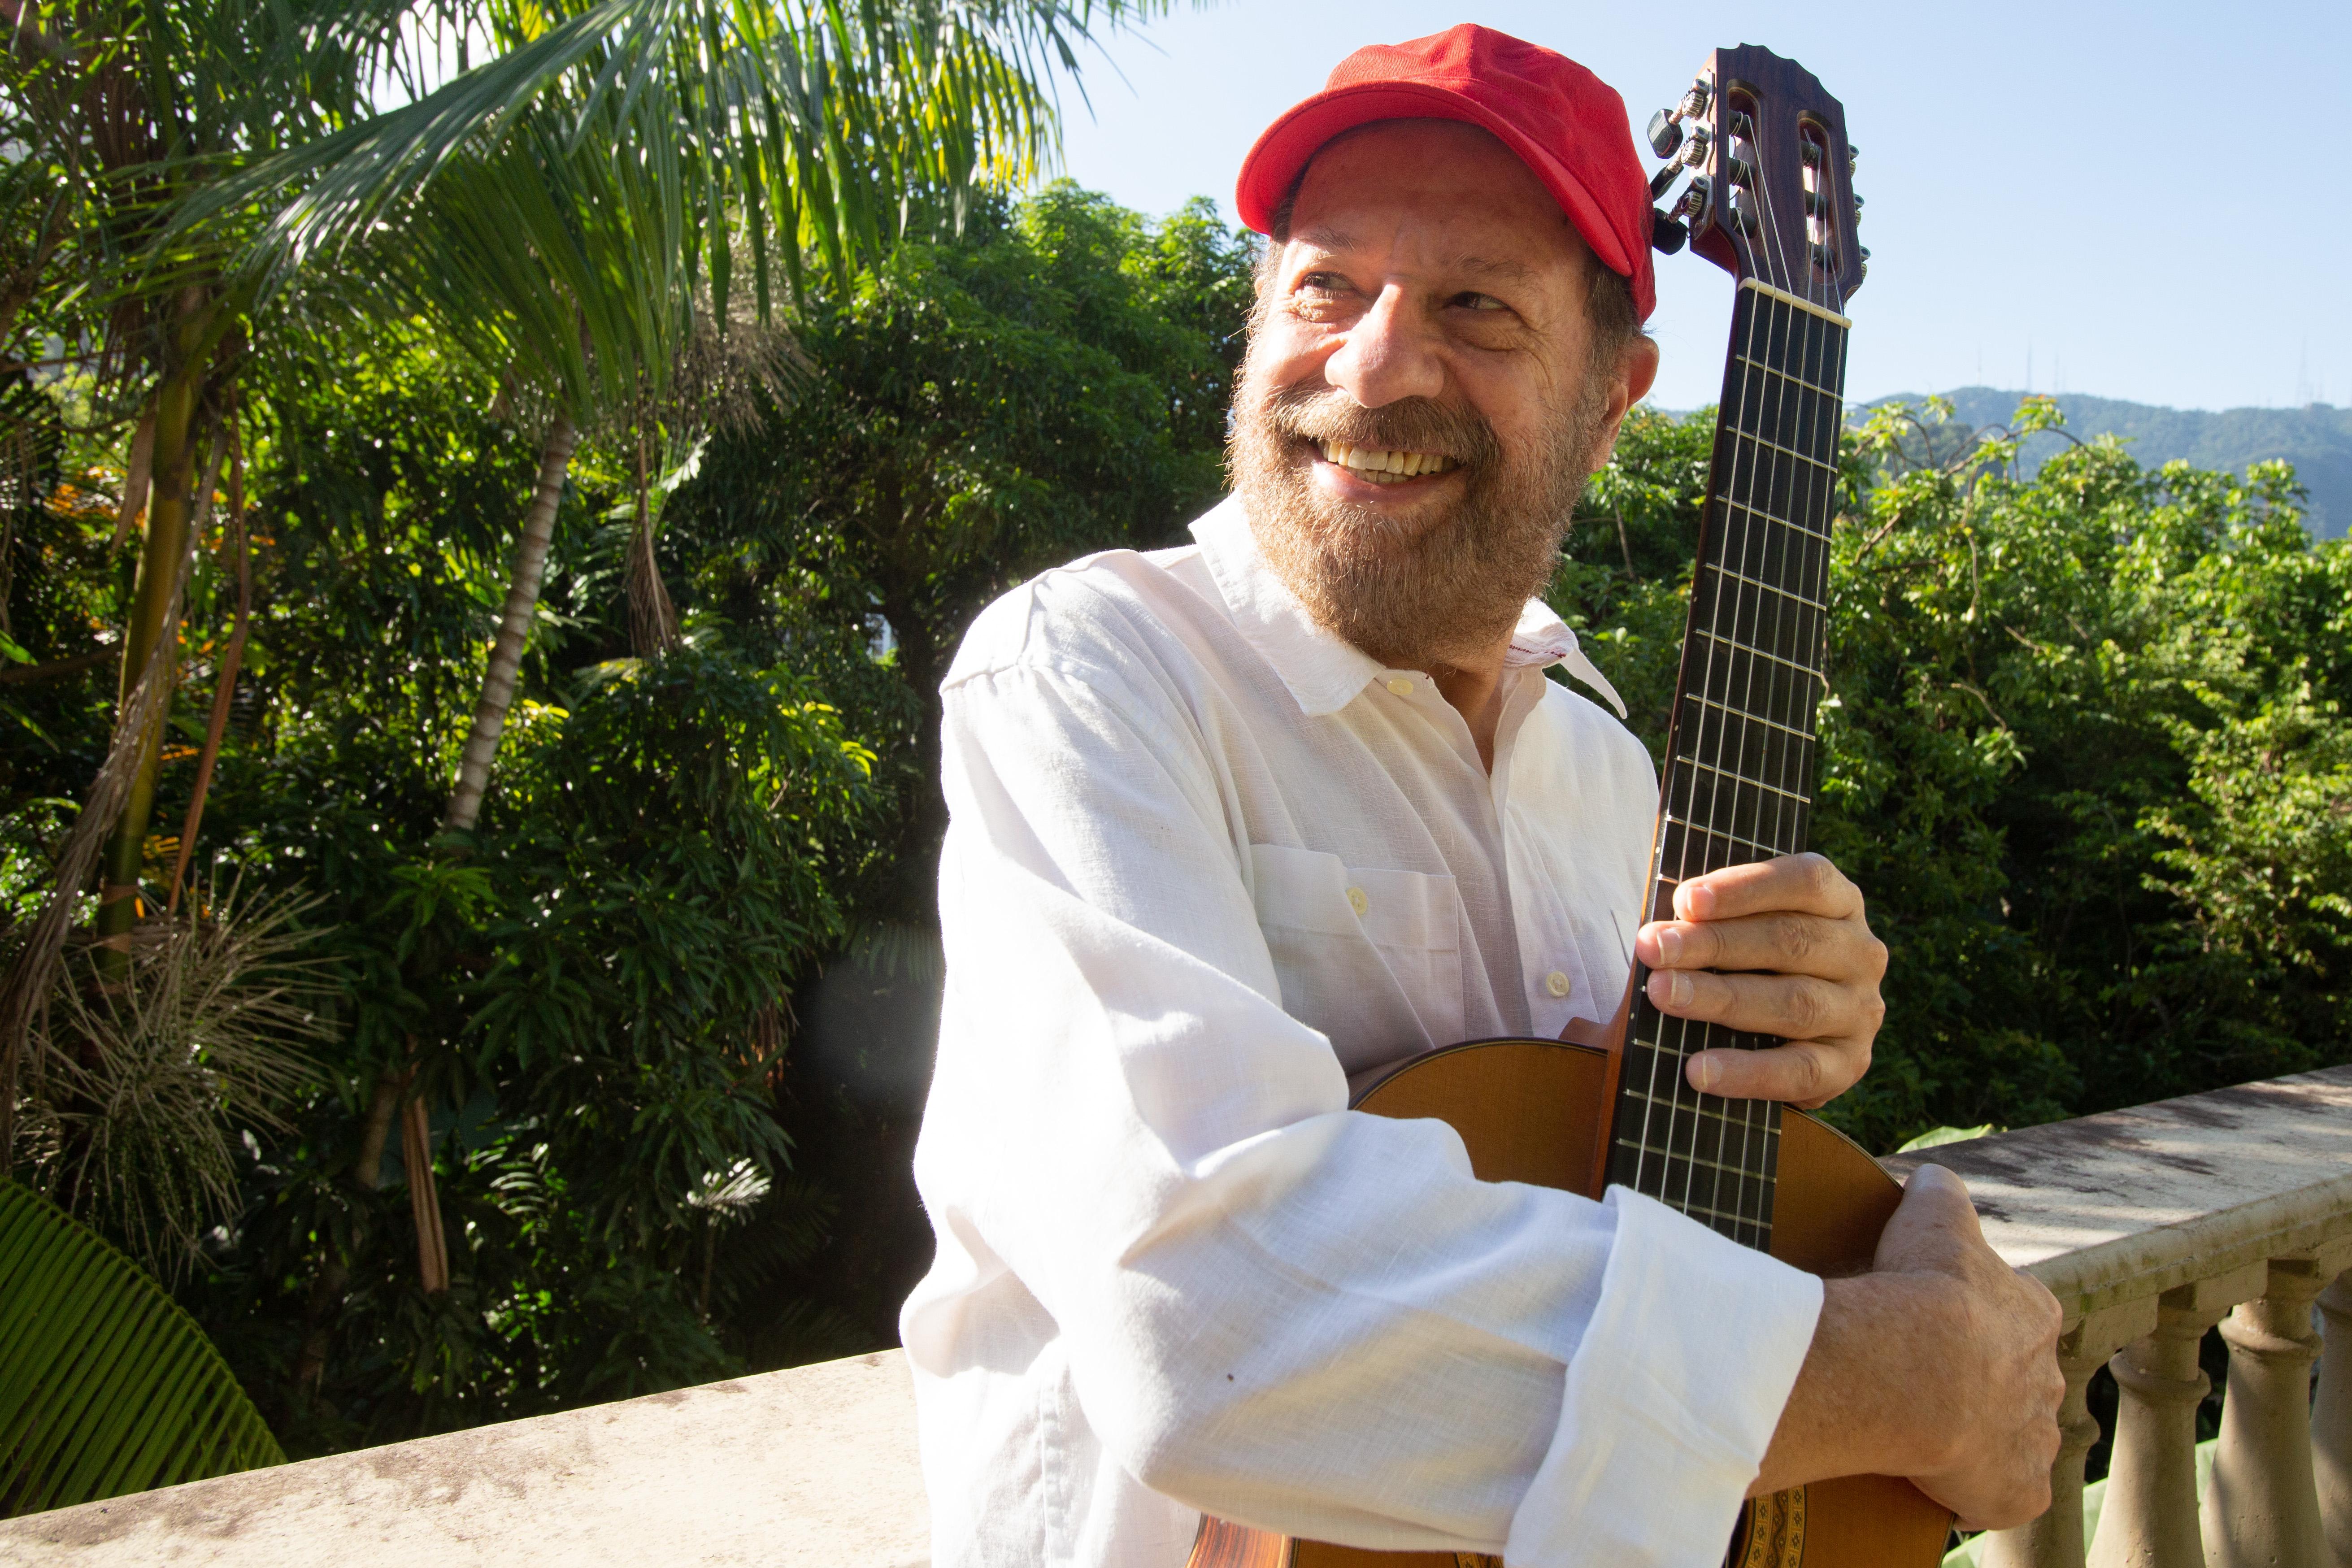 João Bosco de boné, segurando um violão, numa varanda arborizada